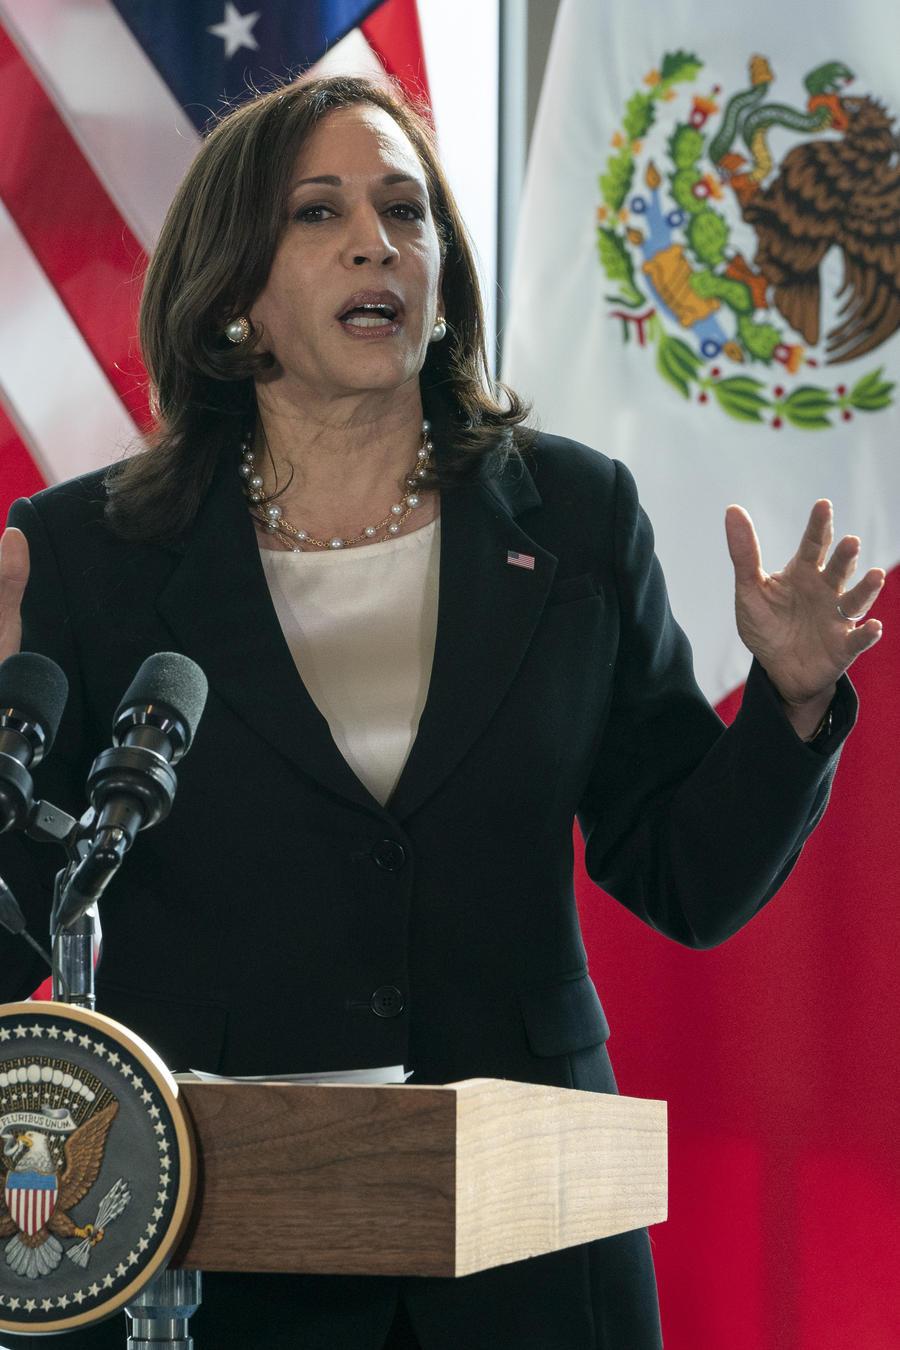 La vicepresidenta de EE.UU., Kamala Harris, habla en Ciudad de México a los periodistas tras su encuentro con el presidente mexicano, Andrés Manuel López Obrador, y su gabinete.